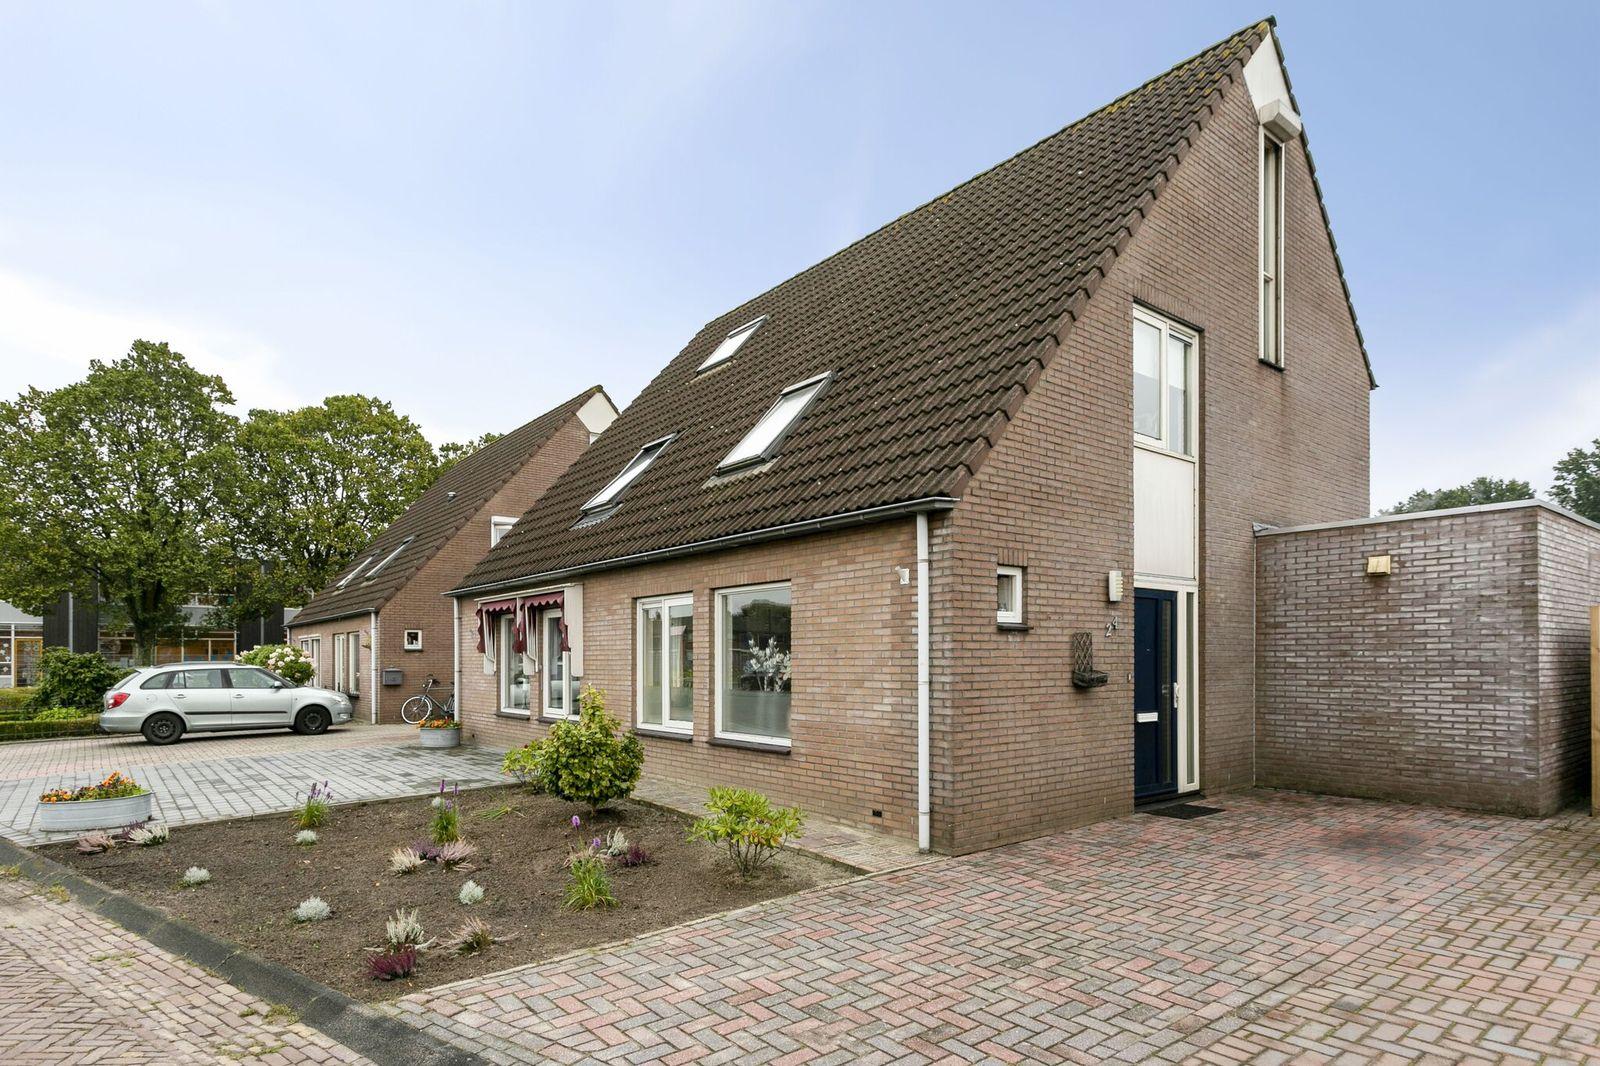 Thorbeckestraat 24, Coevorden